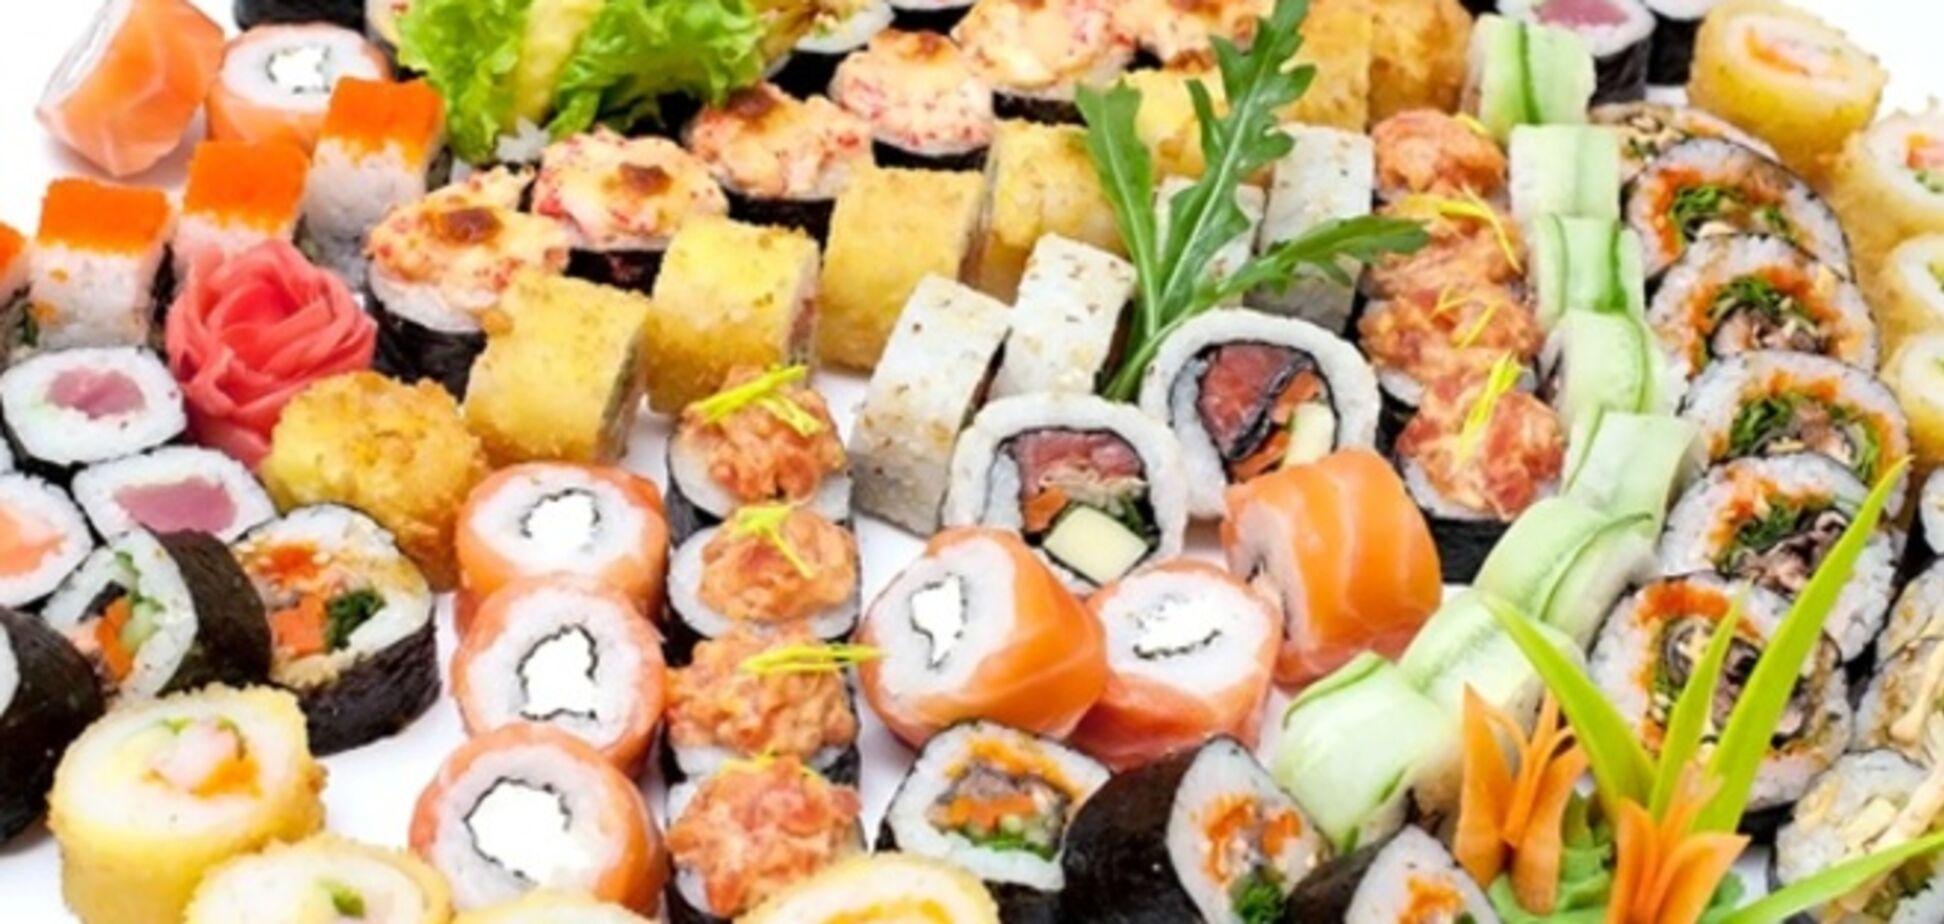 Одесский суши-бар ввел в меню 'Сепаратистов с жареным лососем' и 'Жареных титушек'